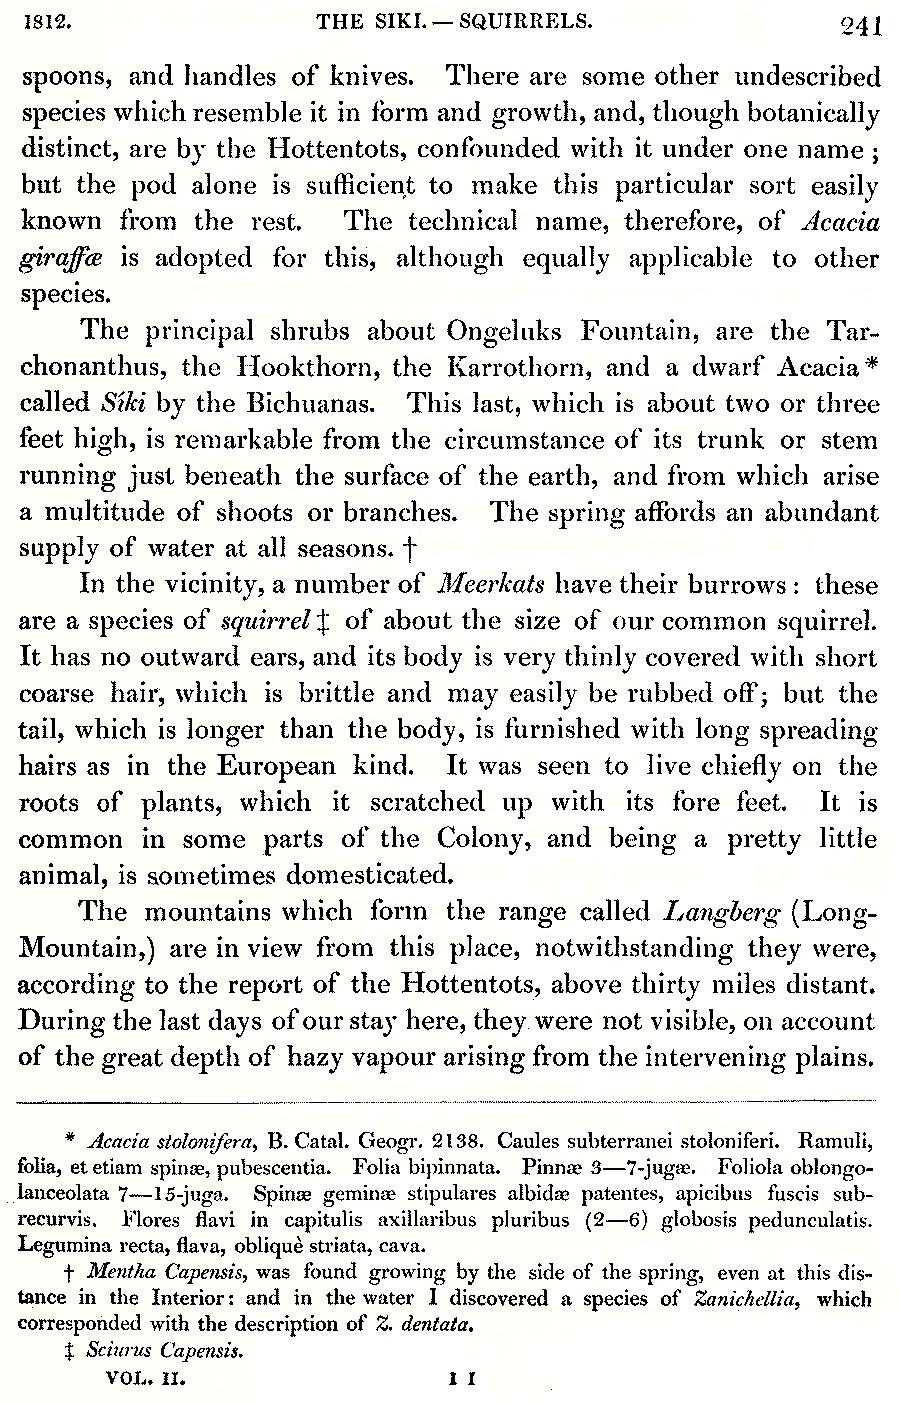 https://forum.plantarium.ru/misc.php?action=pun_attachment&item=29881